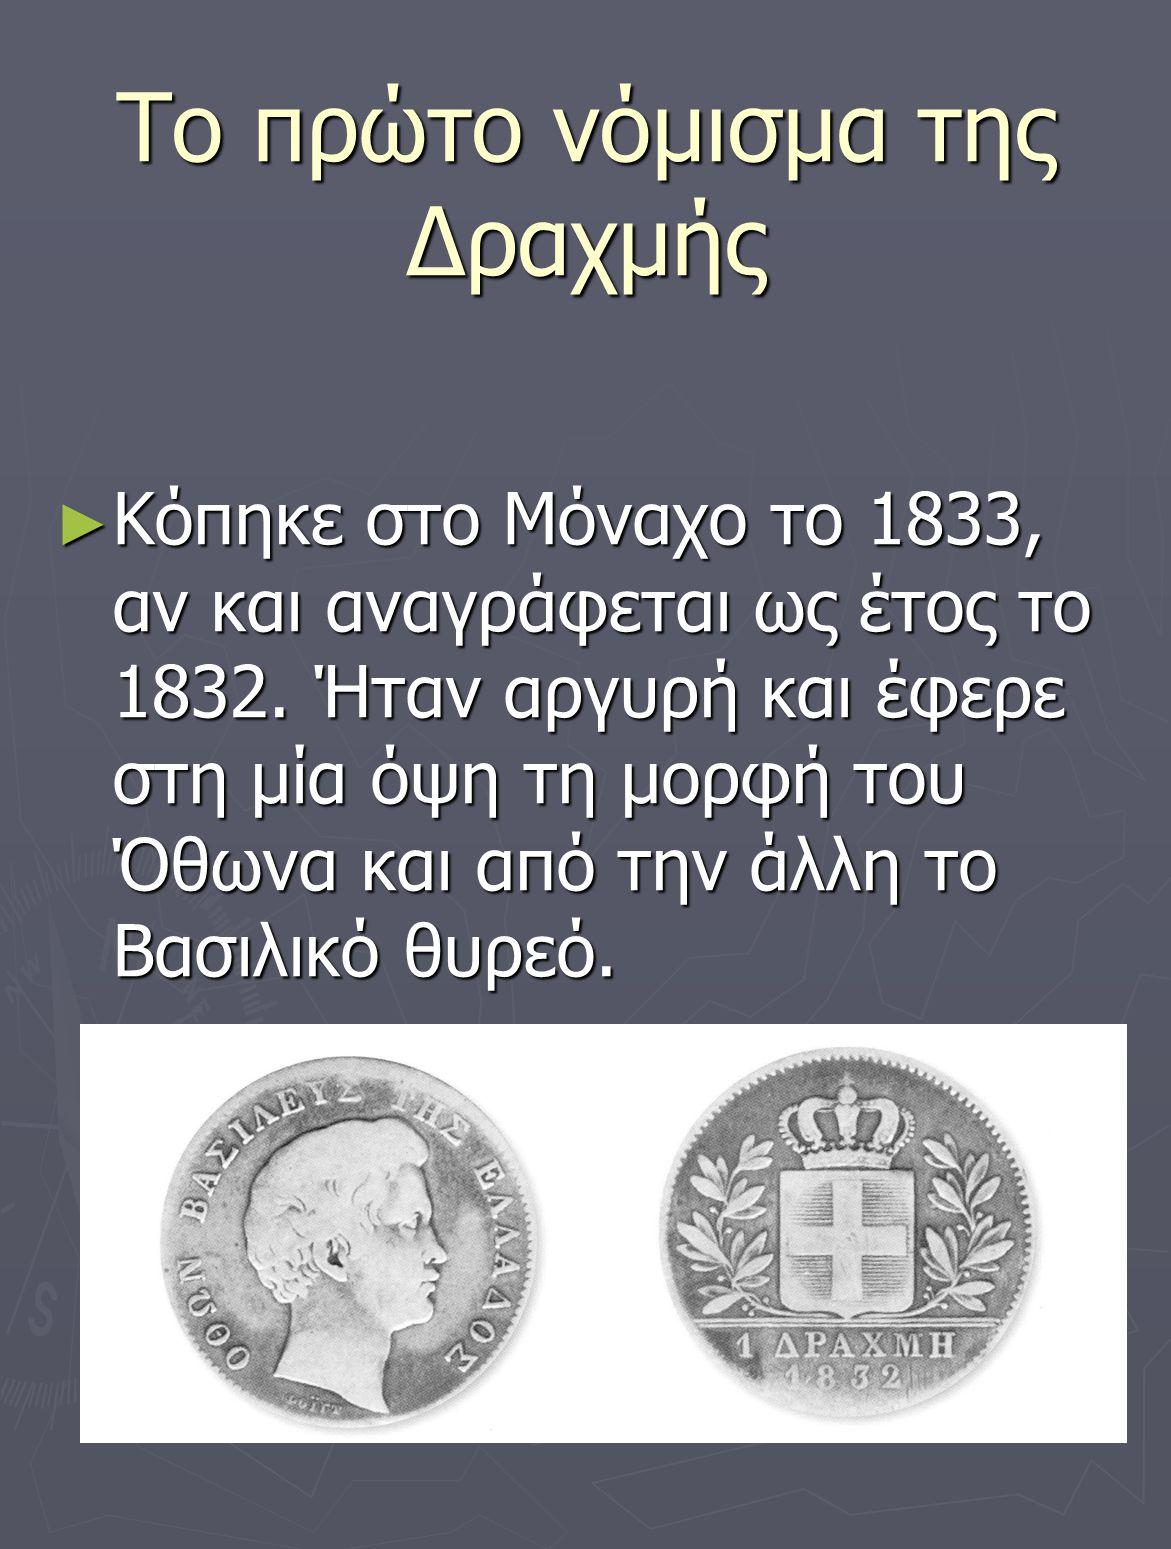 Το πρώτο νόμισμα της Δραχμής